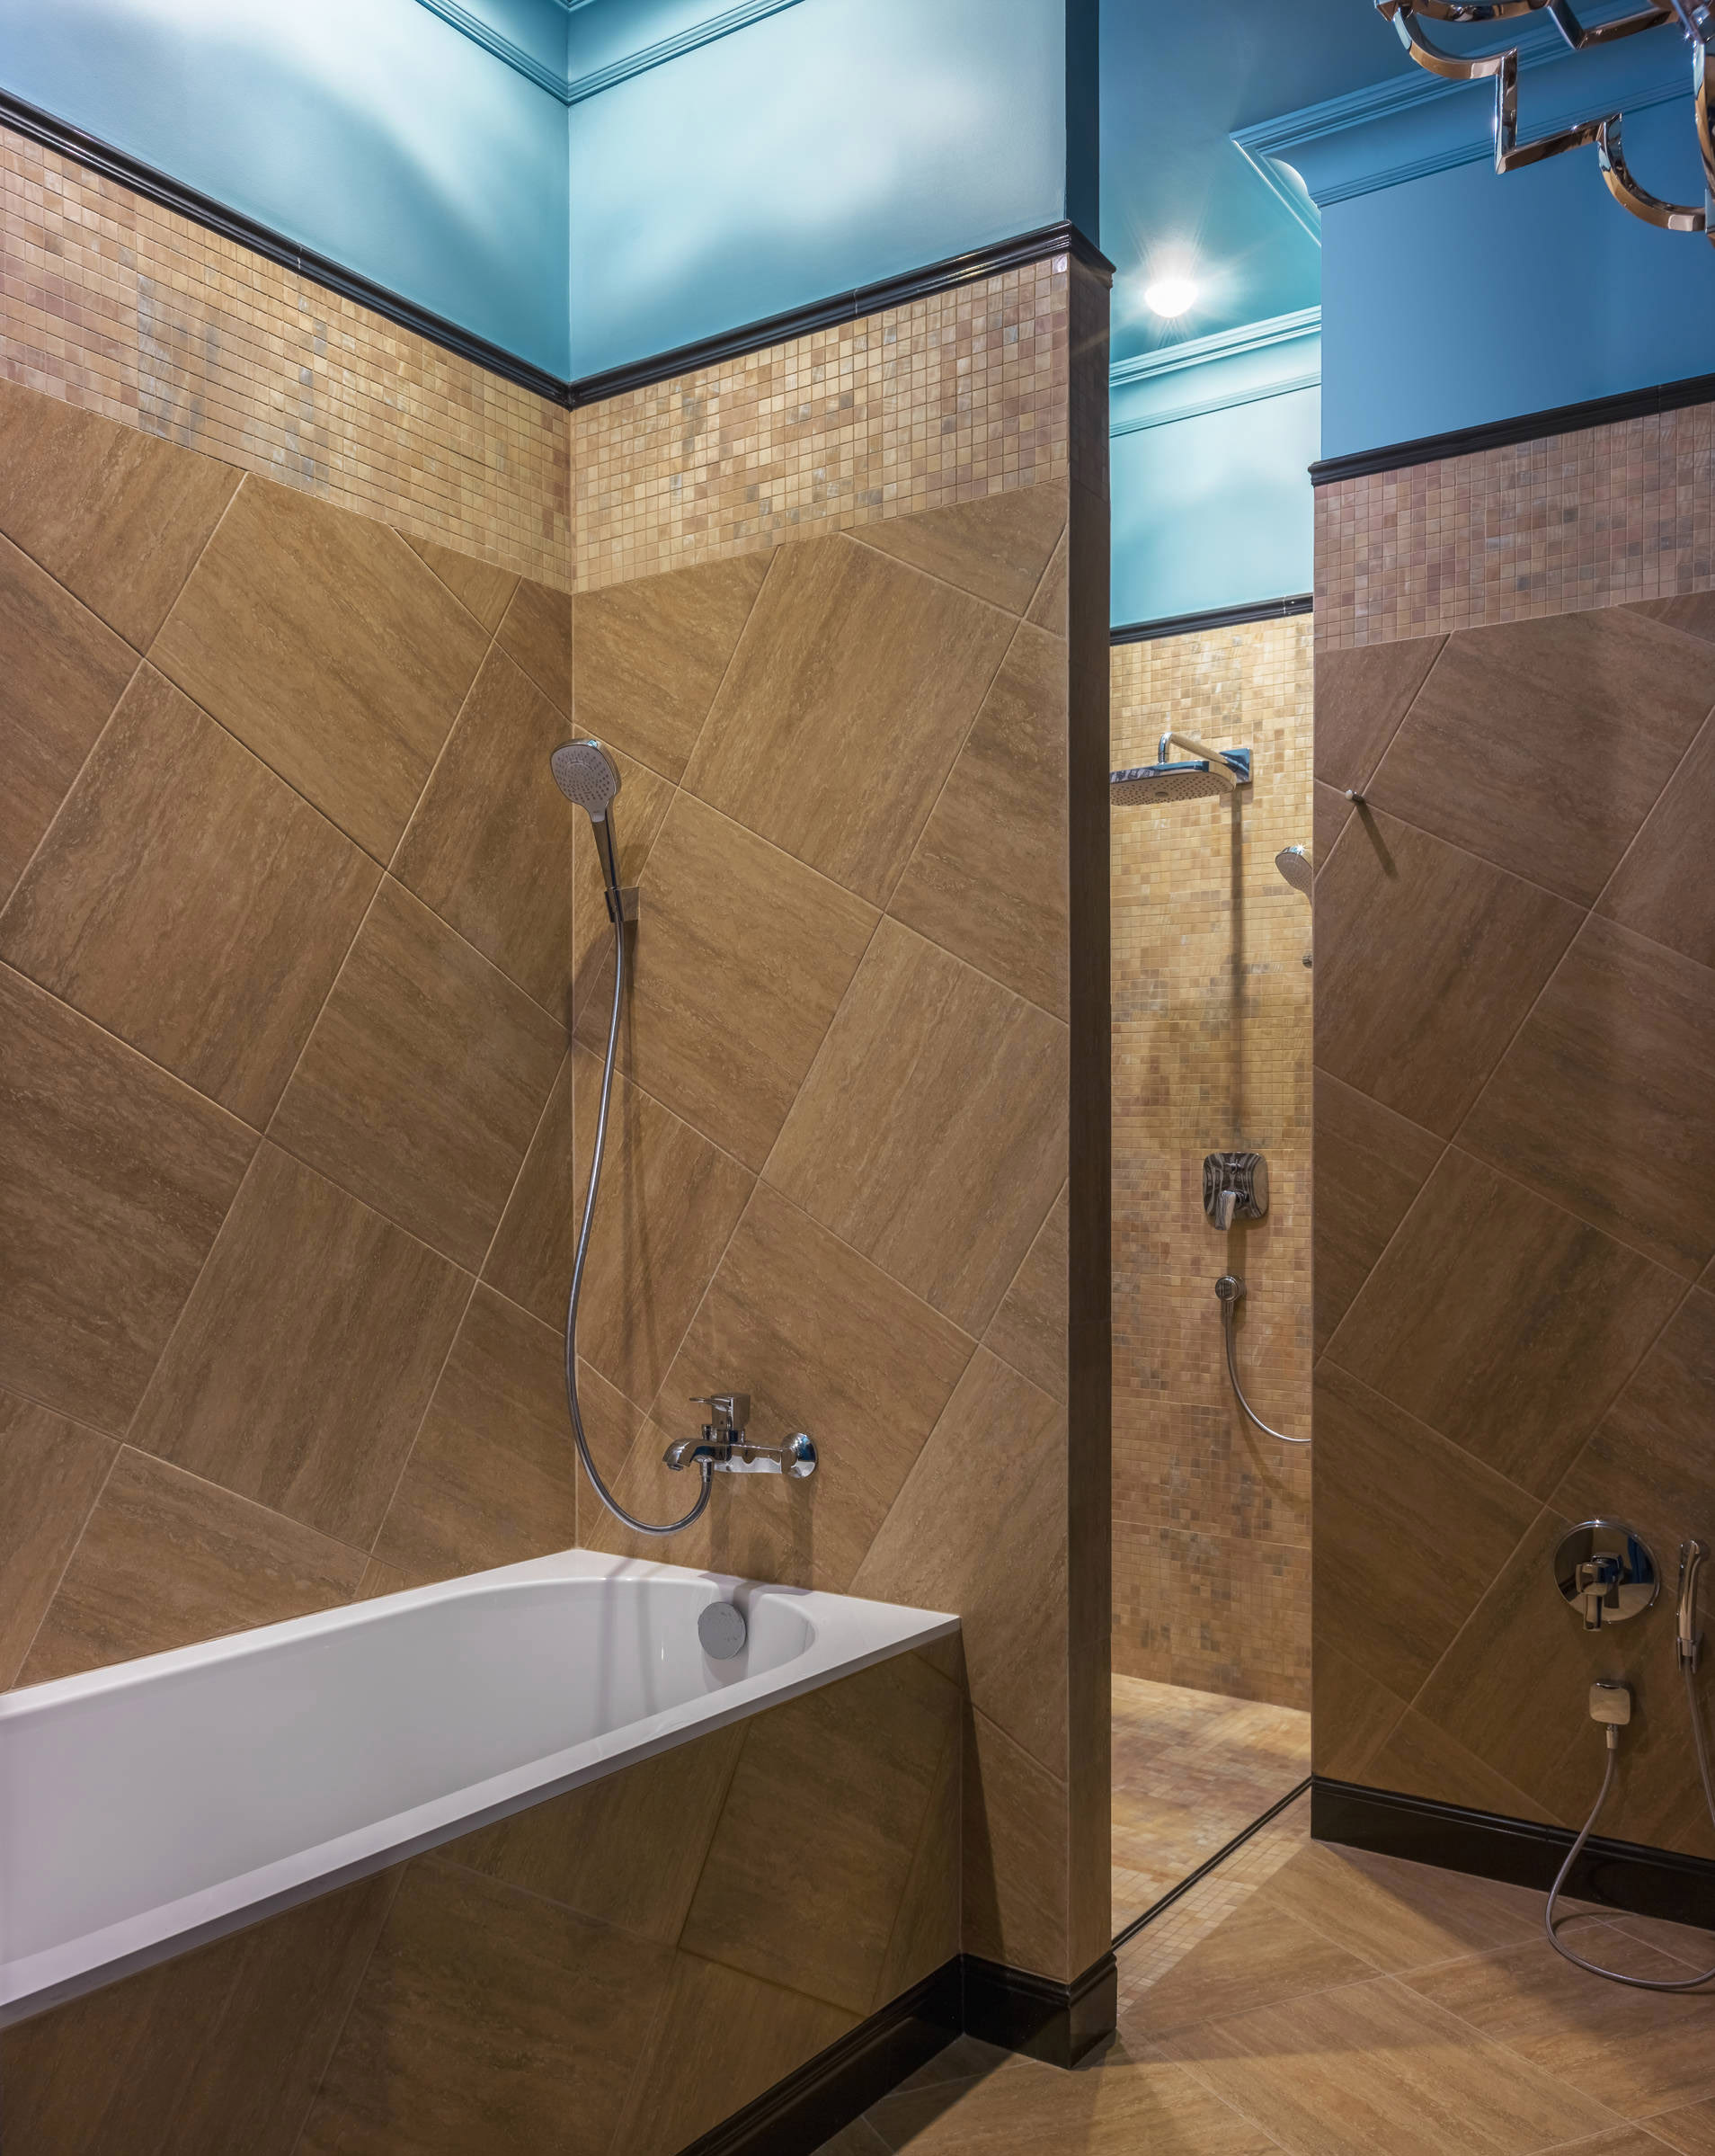 Сочетание коричневой плитки и голубого потолка в интерьере ванной